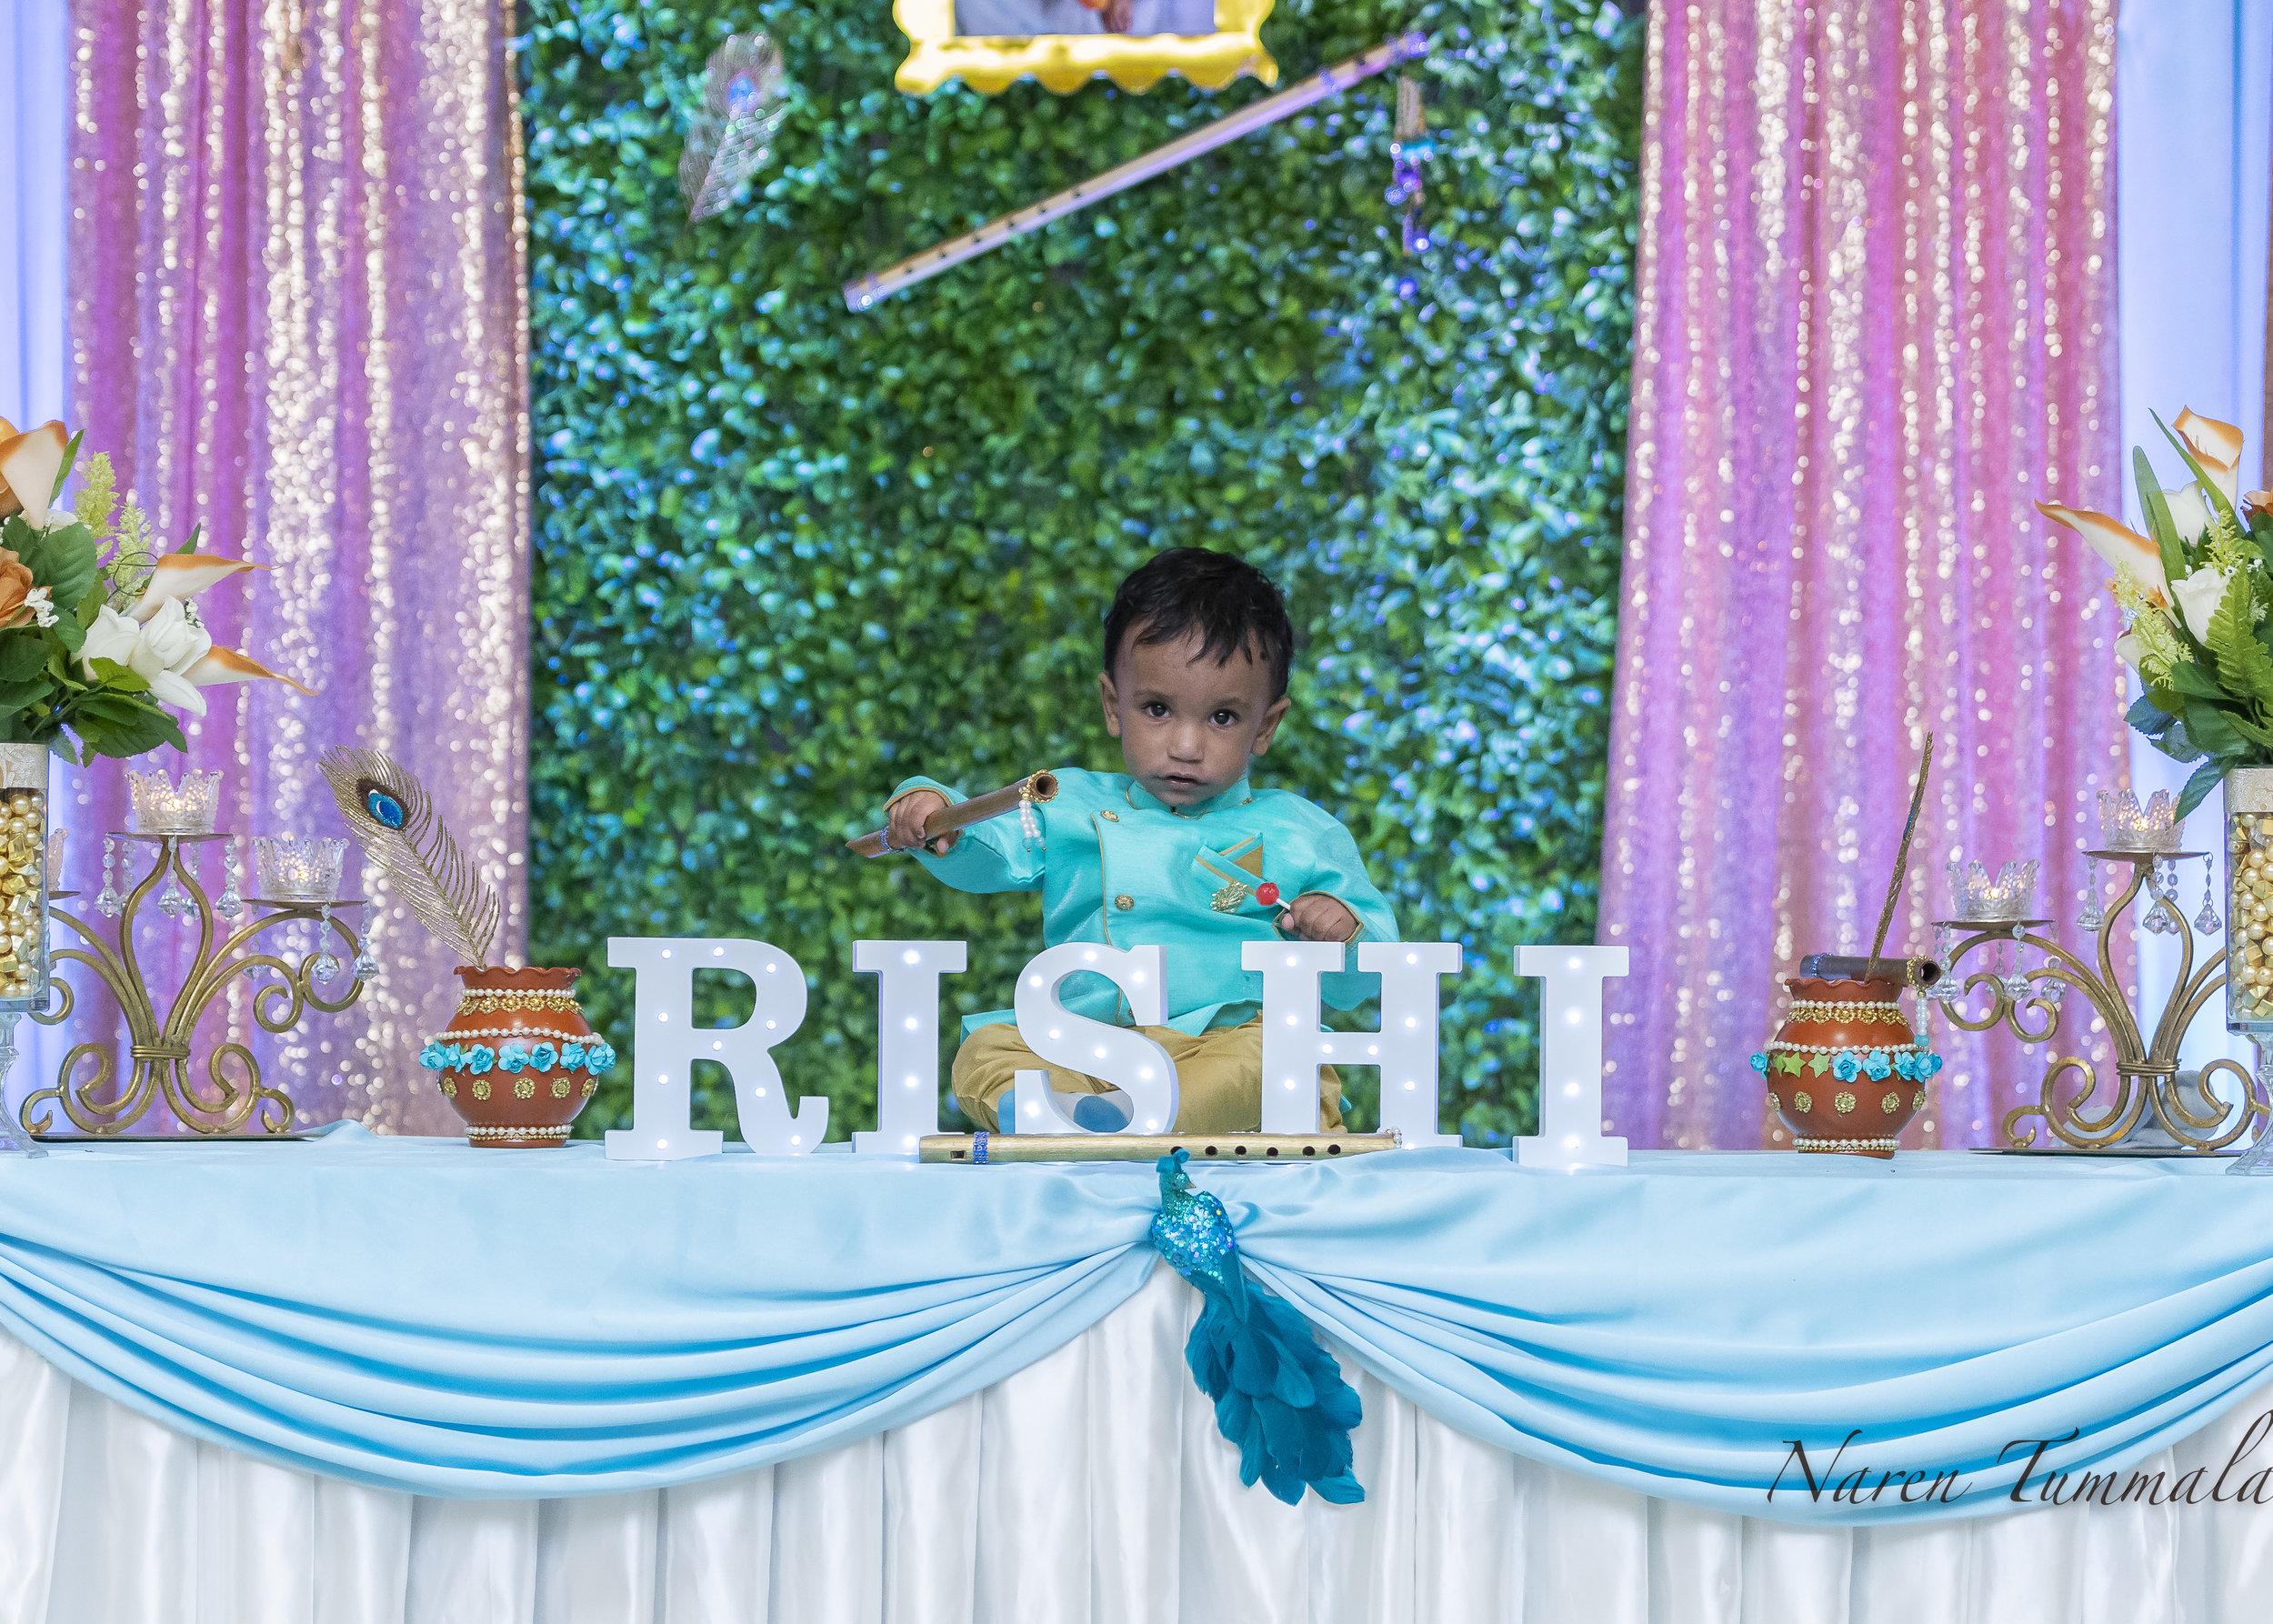 Rishi-100.jpg